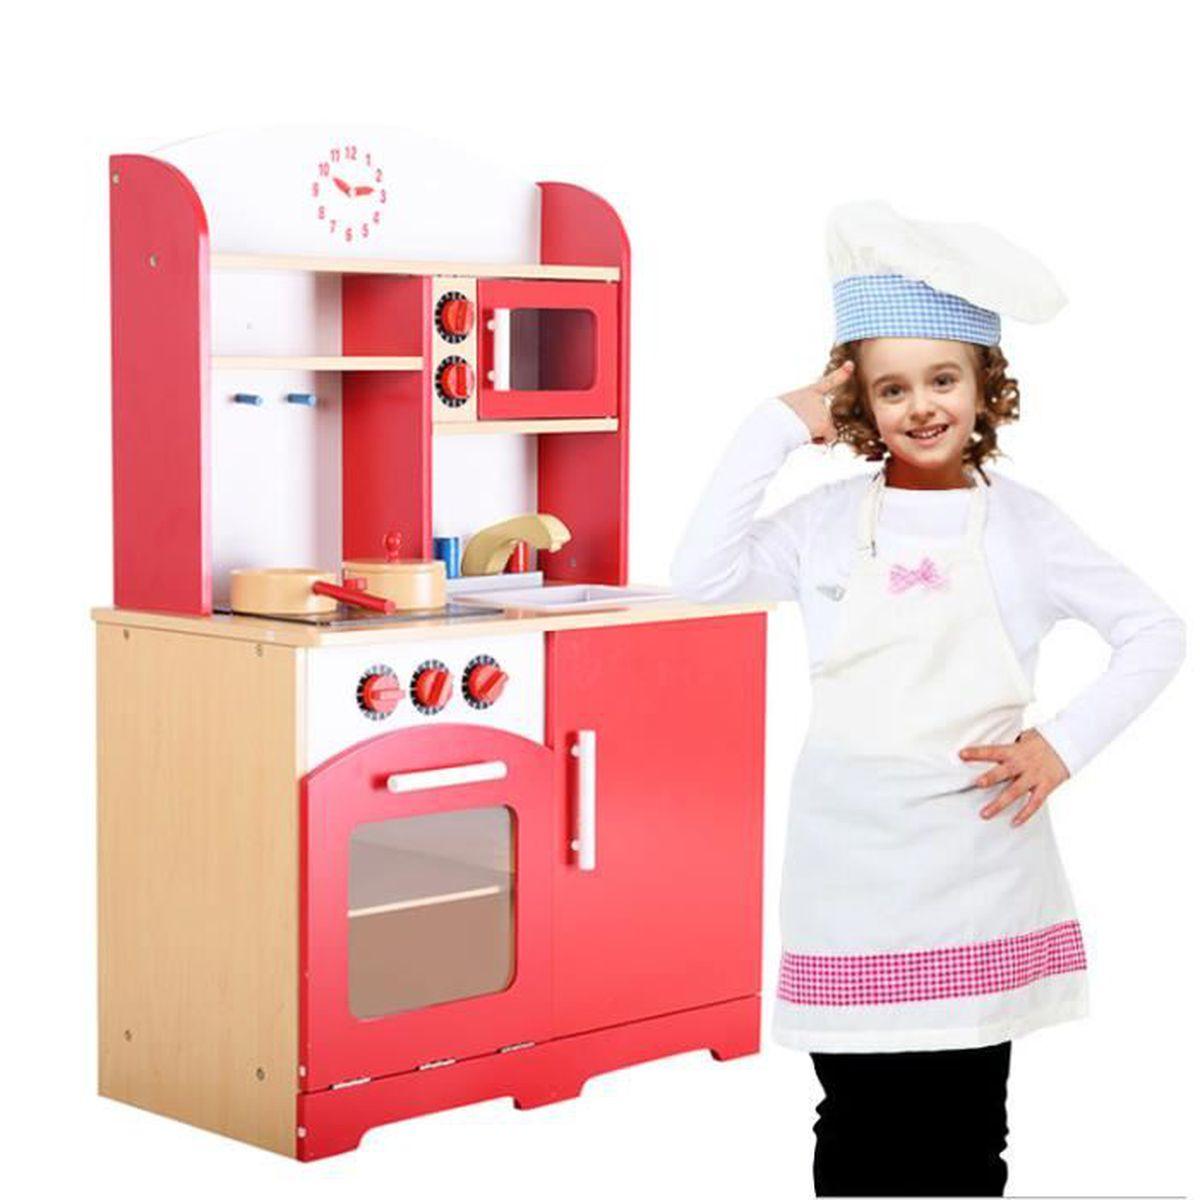 cuisine jouet pour enfant en bois jeu du r le d imitation